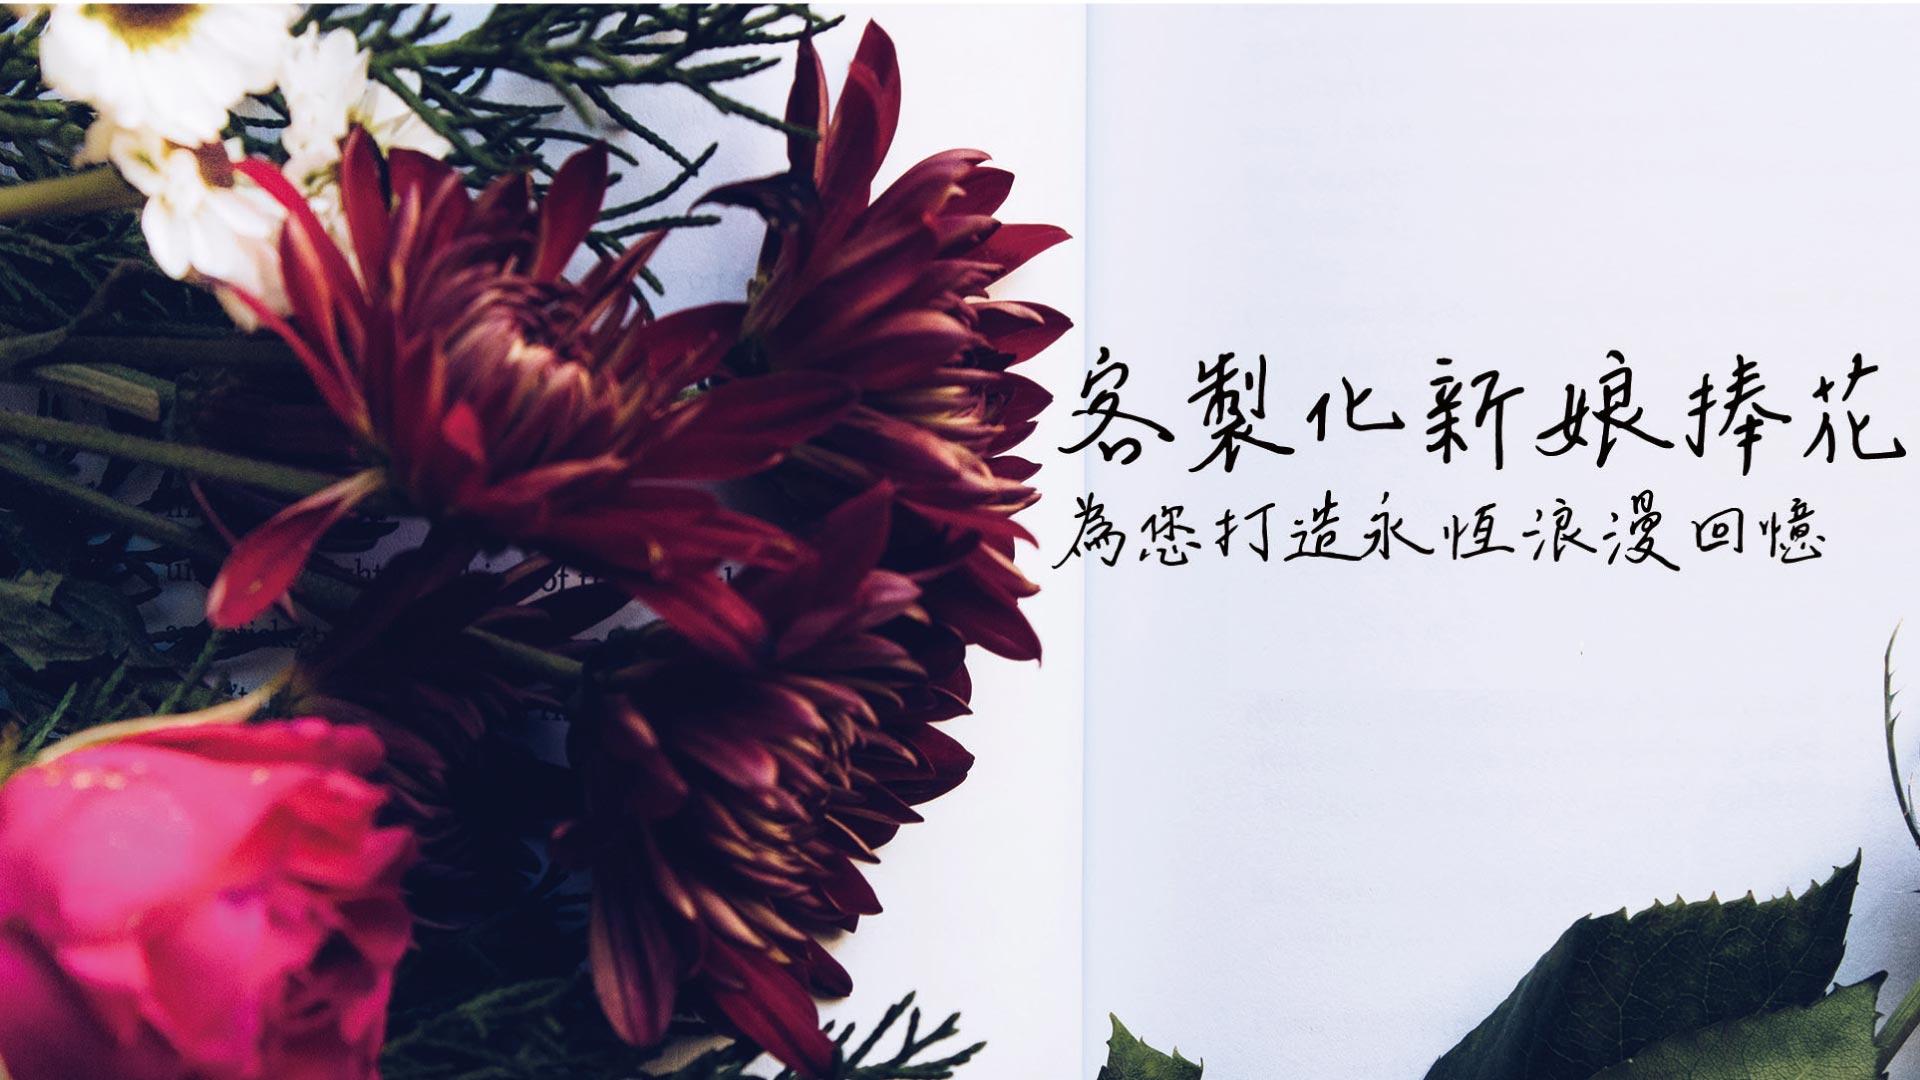 台北新娘捧花設計,喜歡生活乾燥花店